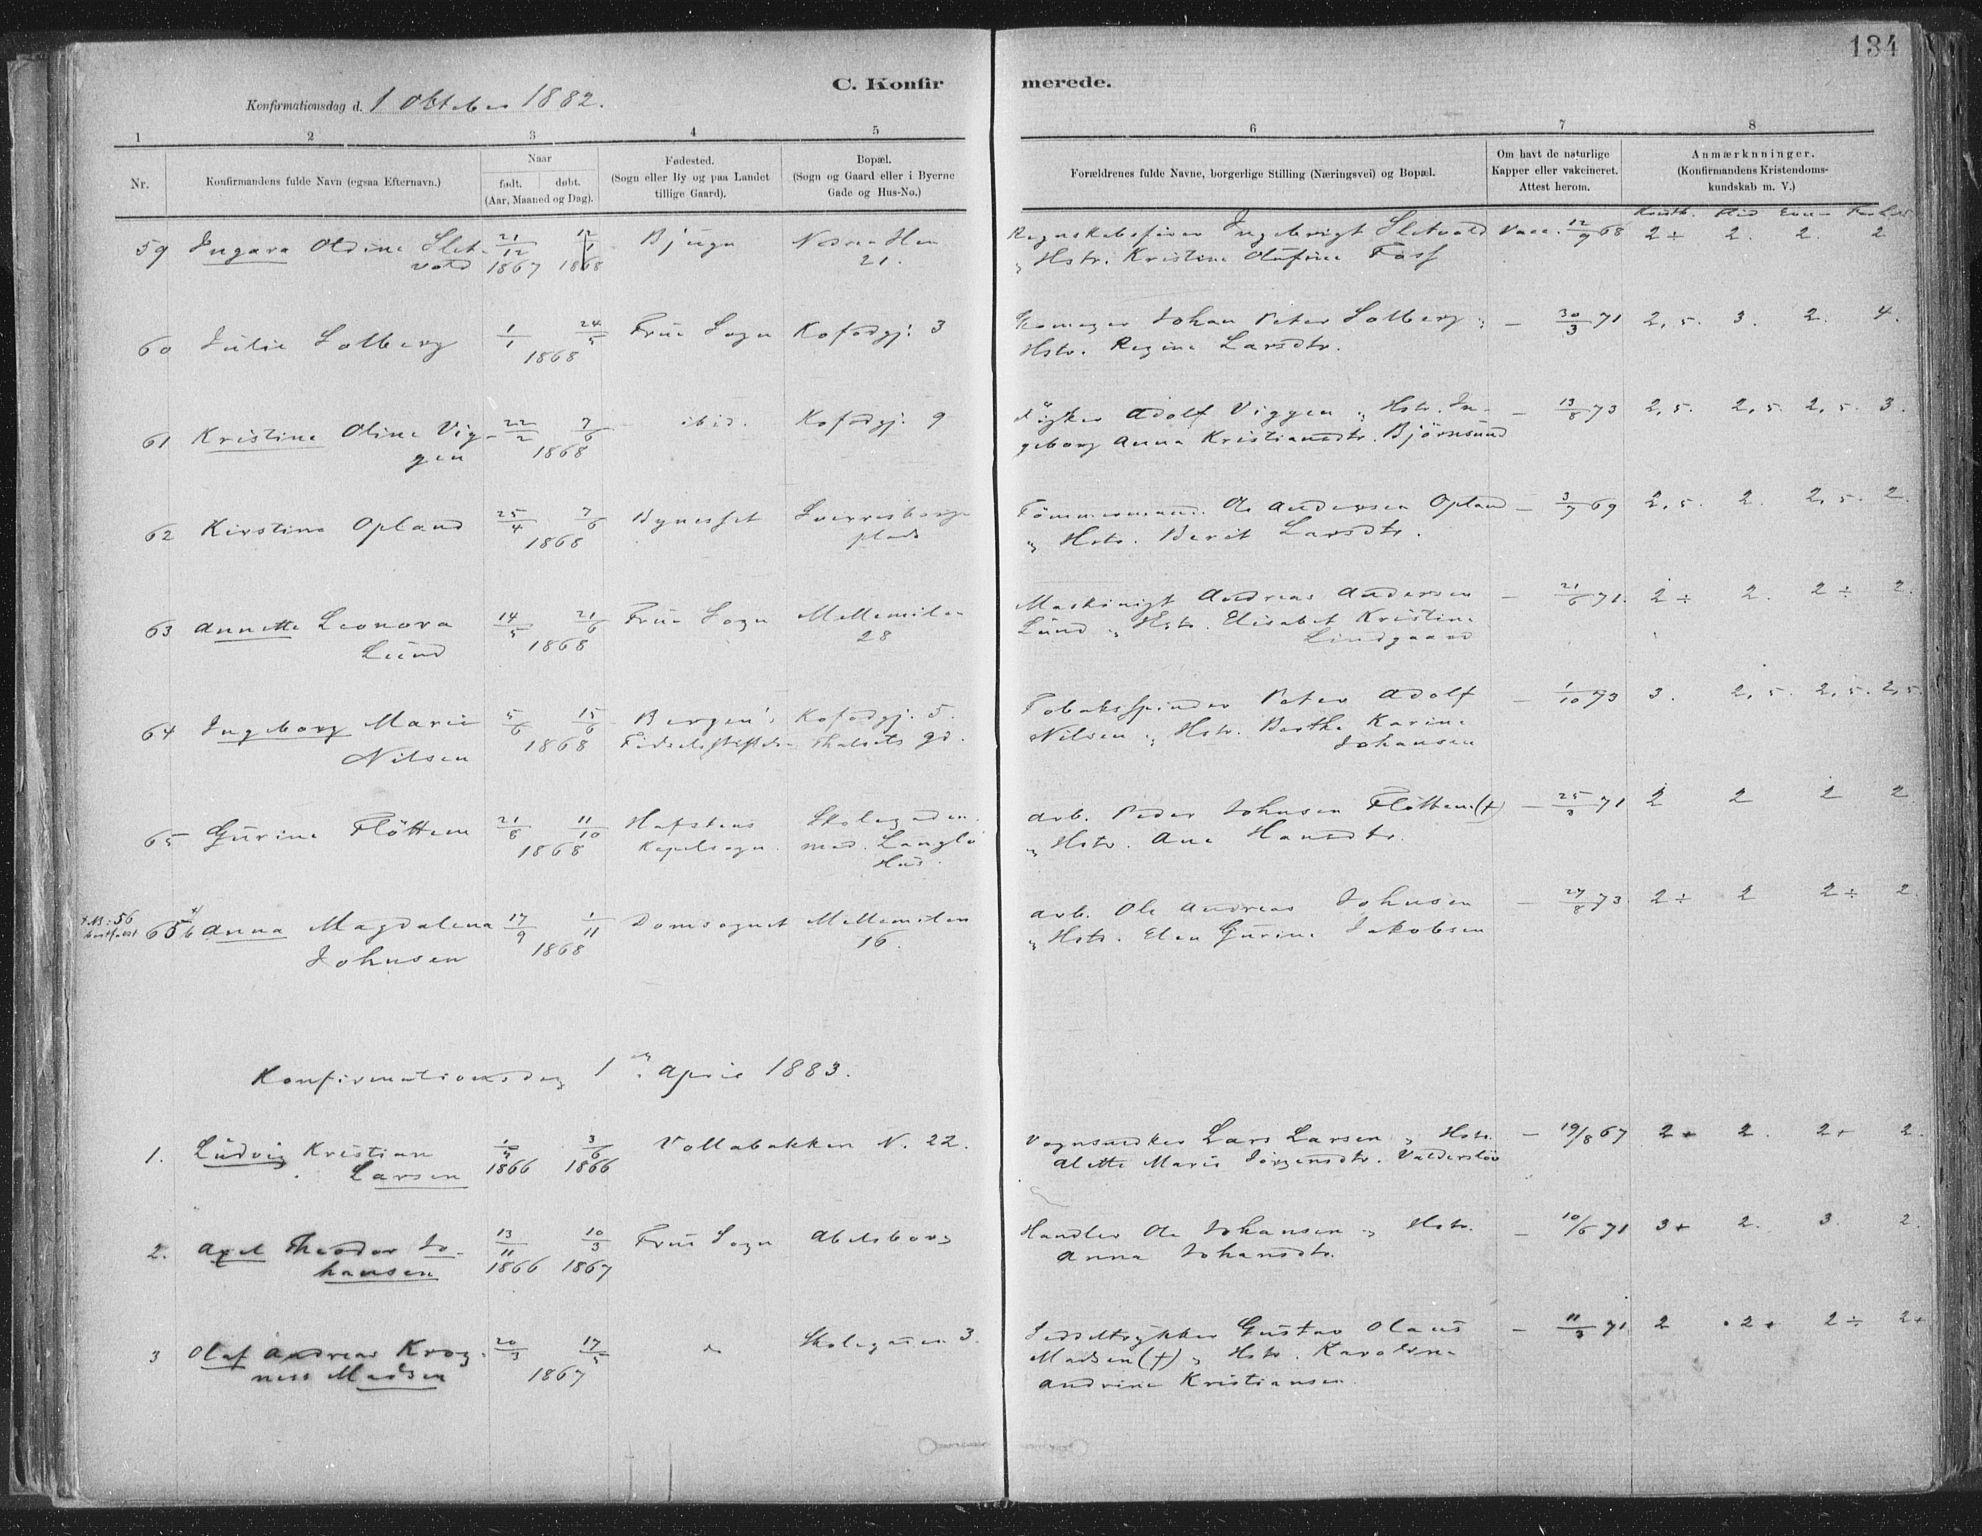 SAT, Ministerialprotokoller, klokkerbøker og fødselsregistre - Sør-Trøndelag, 603/L0162: Ministerialbok nr. 603A01, 1879-1895, s. 134